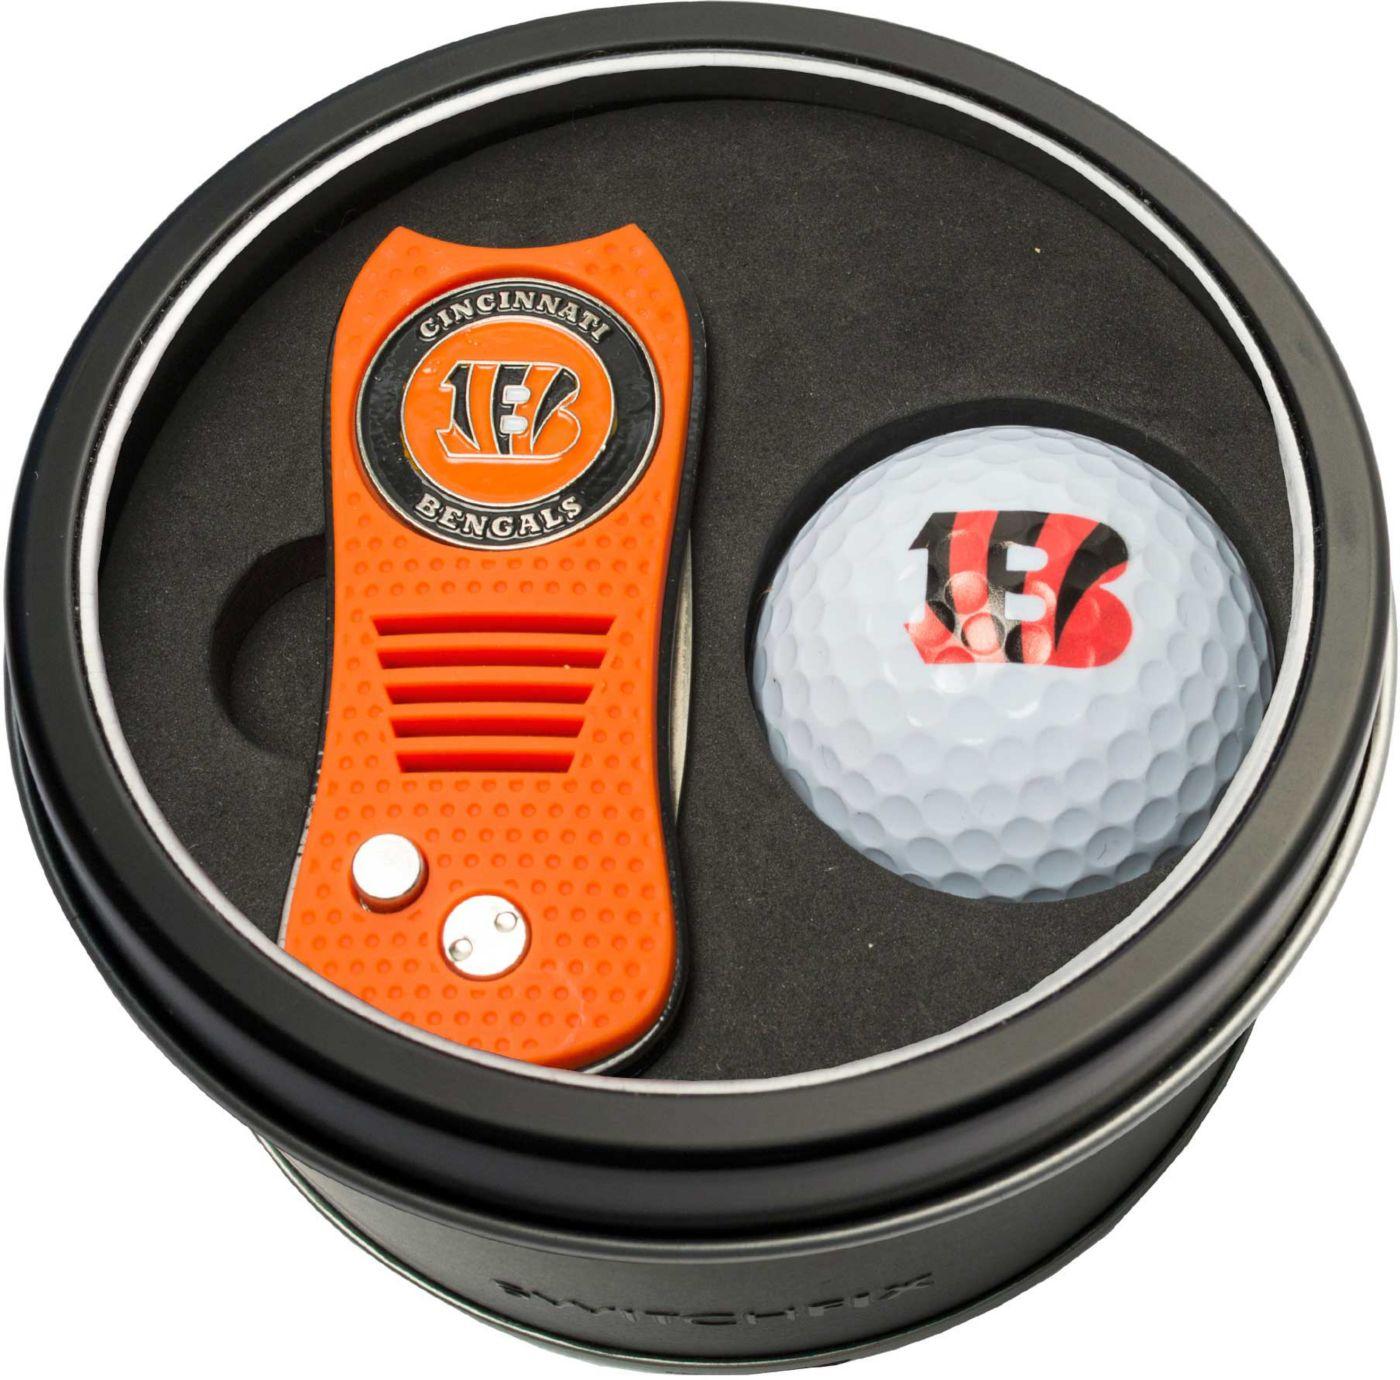 Team Golf Cincinnati Bengals Switchfix Divot Tool and Golf Ball Set